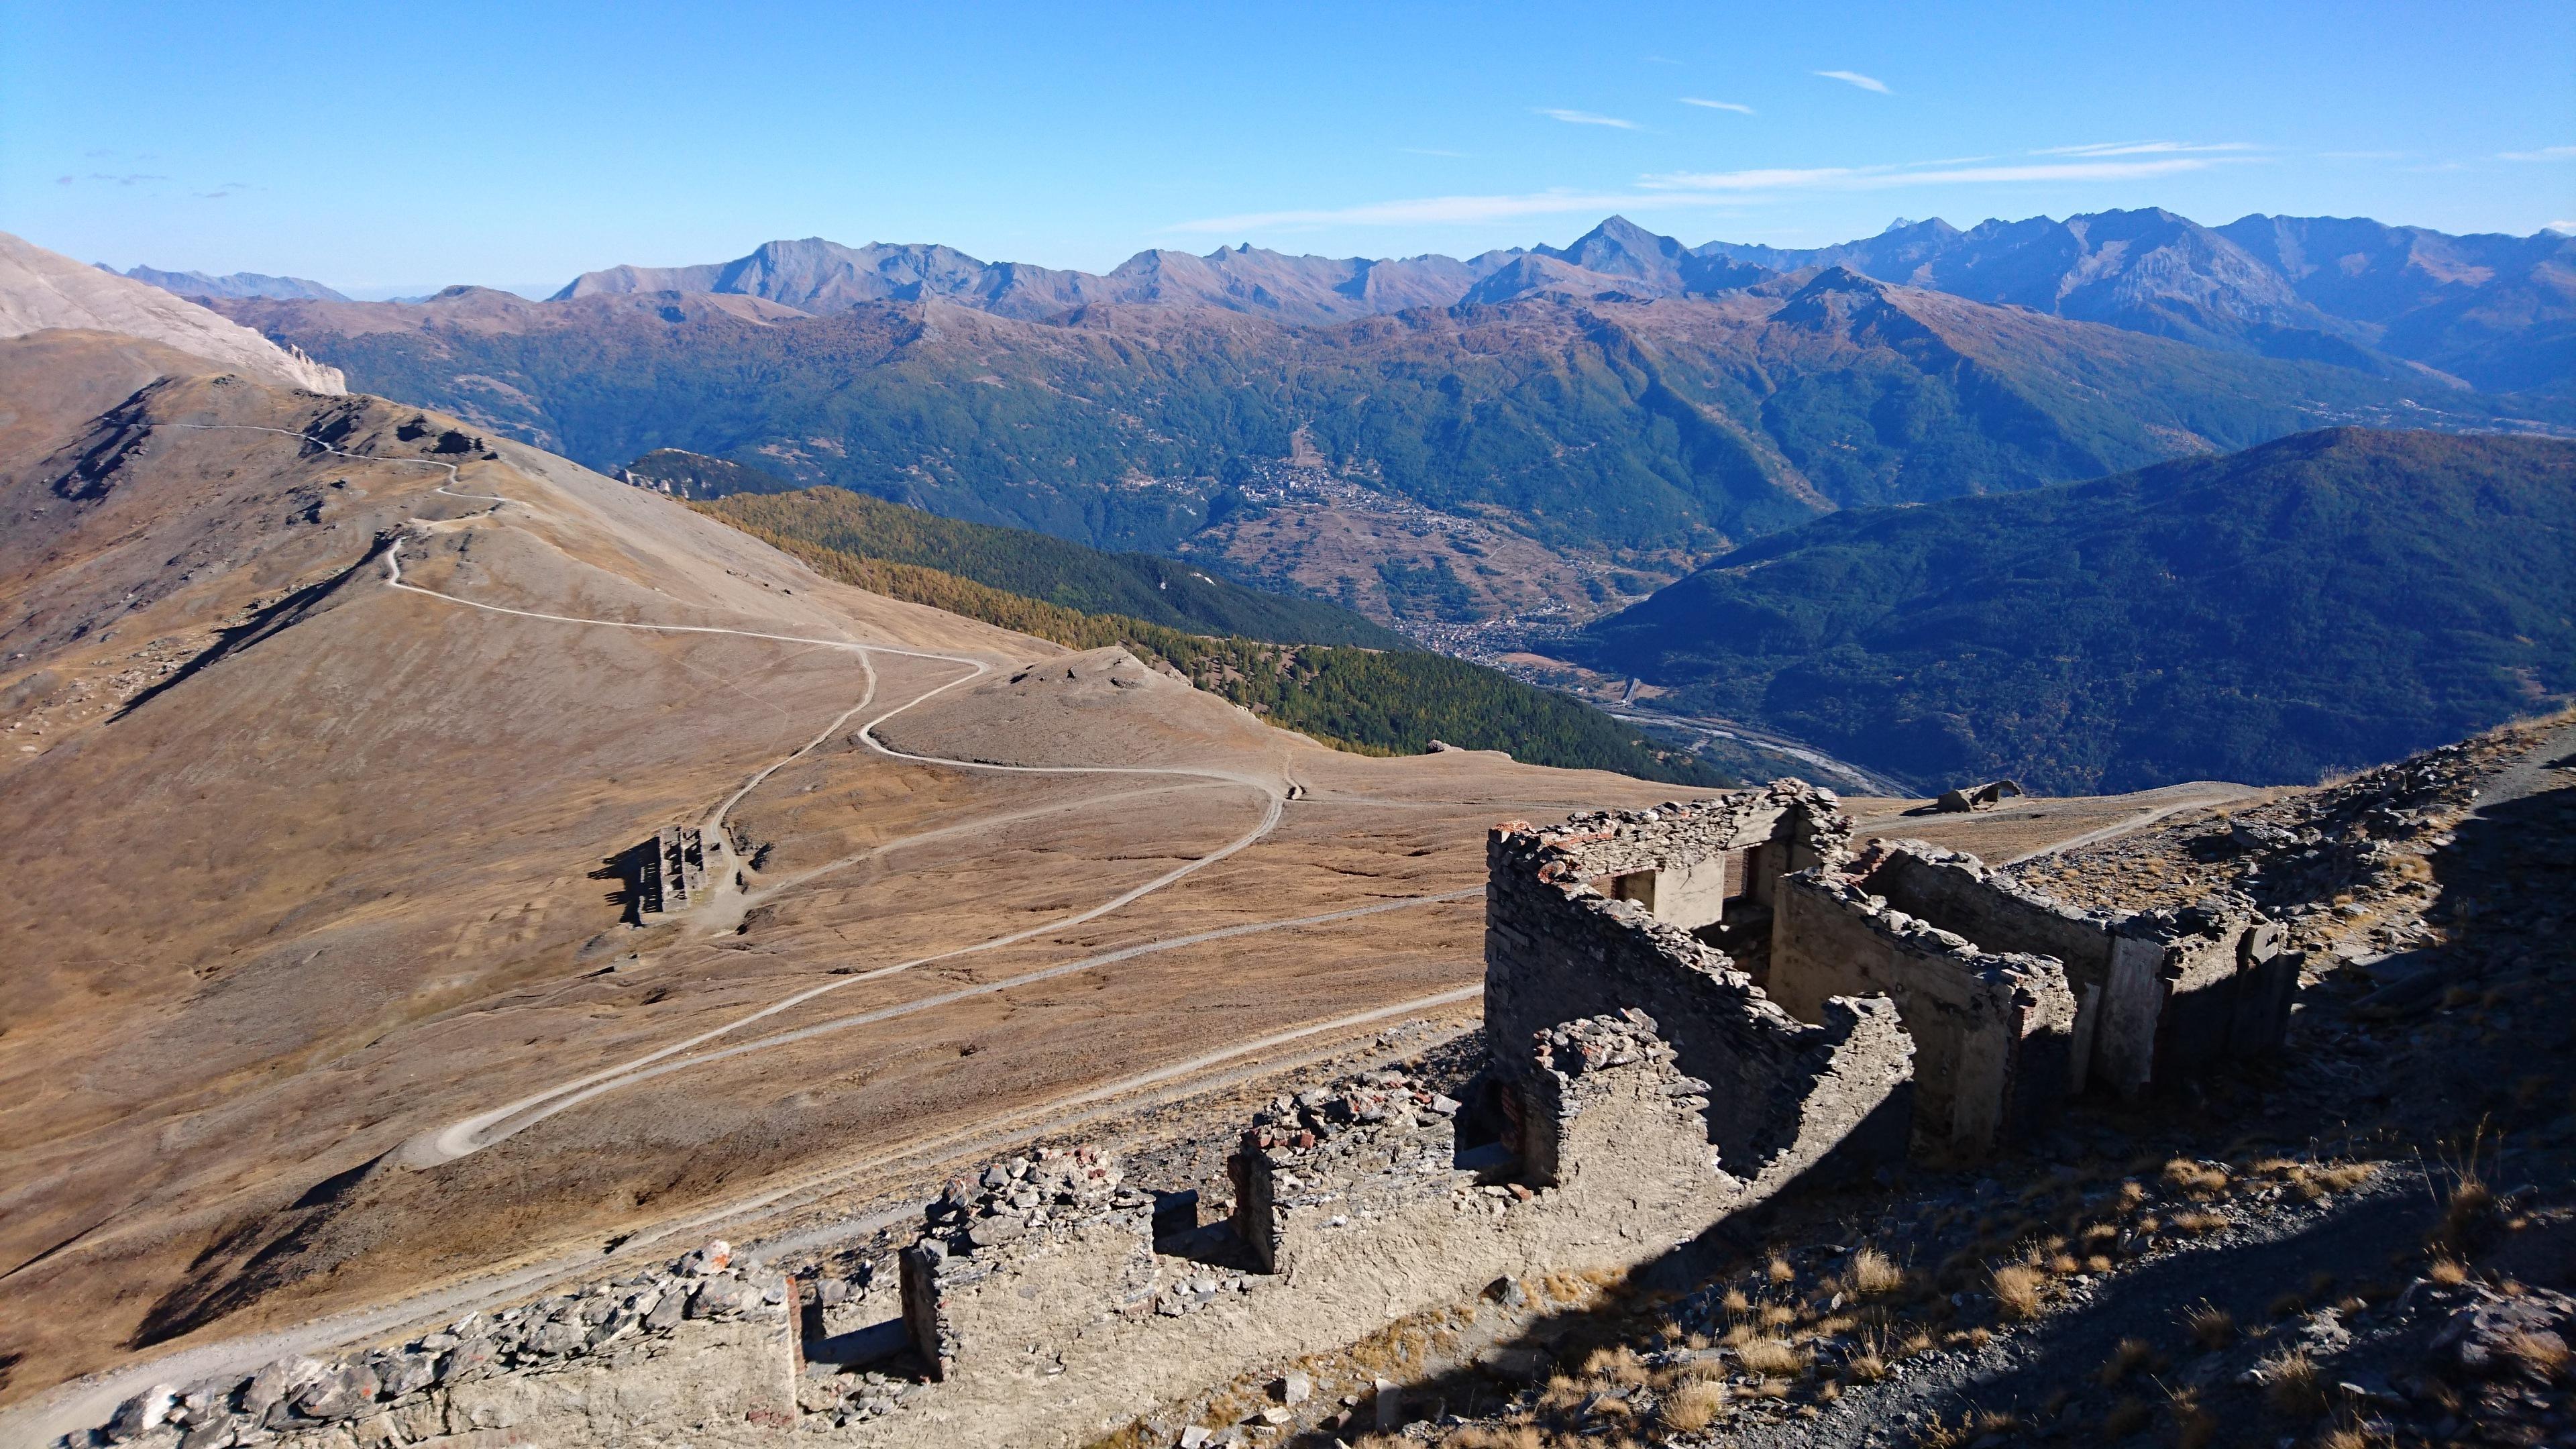 Vista dalla cima dello Jafferau. Scenderemo dal versante opposto (ovvero quello in foto) passando da altri 2 forti della guerra